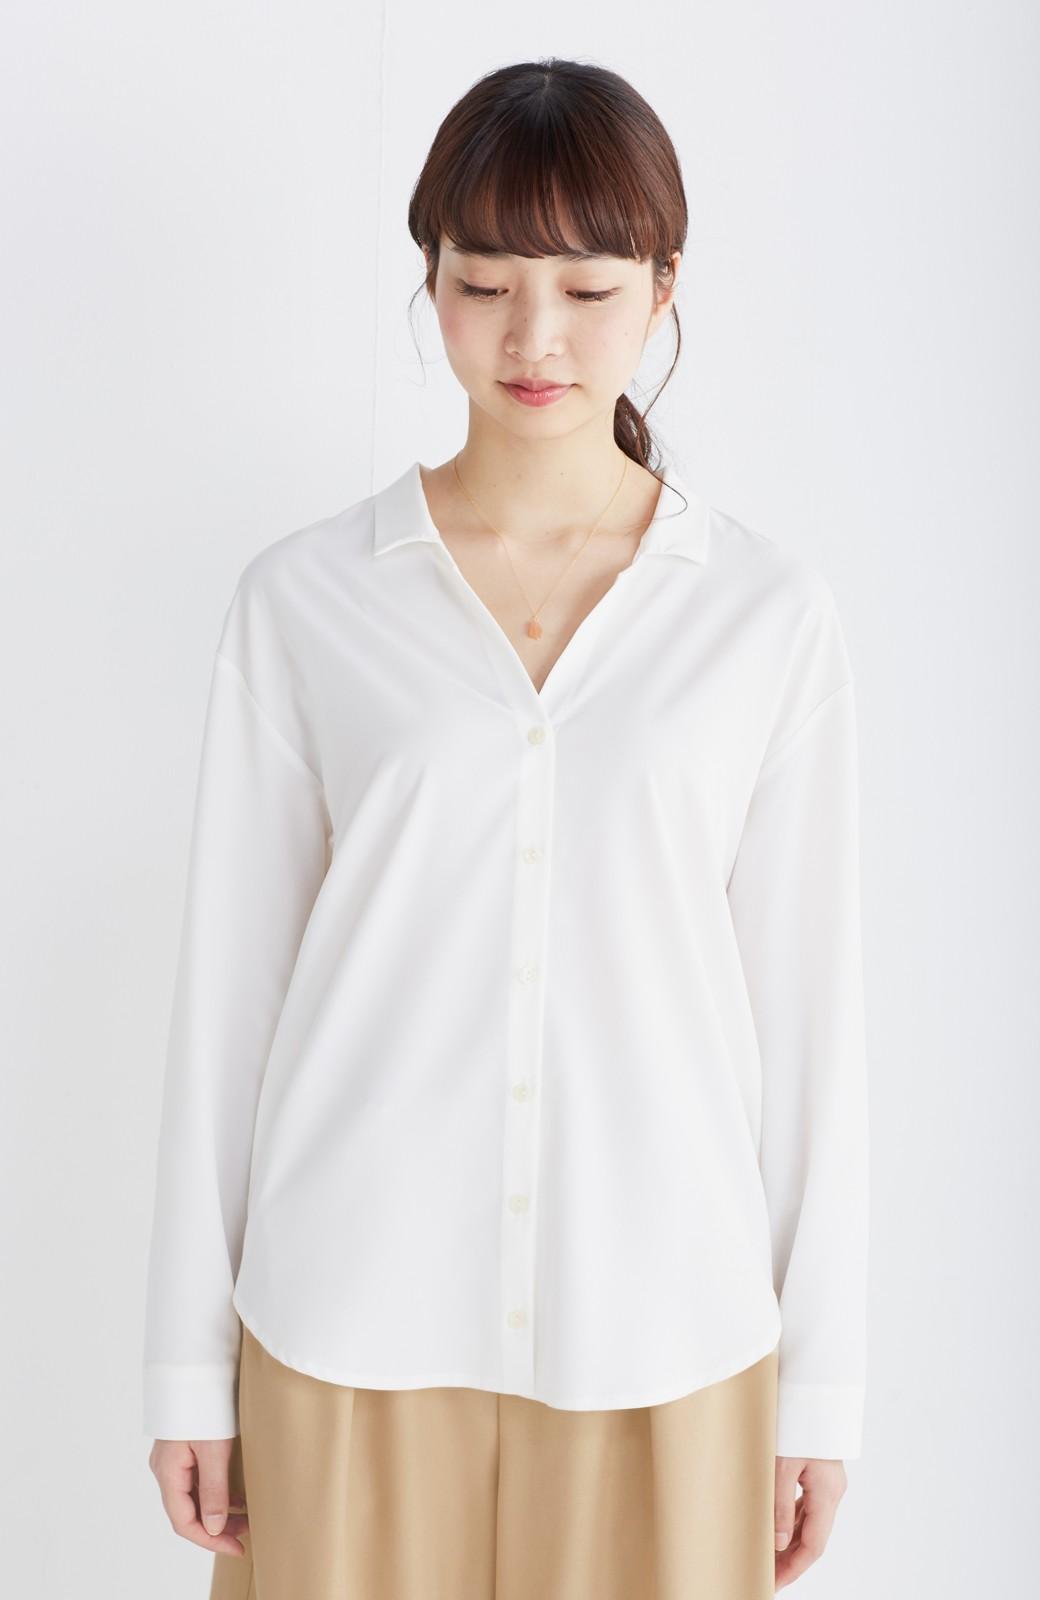 エムトロワ 女らしくてかっこいい スキッパー&抜き衿のとろみシャツ <ホワイト>の商品写真20